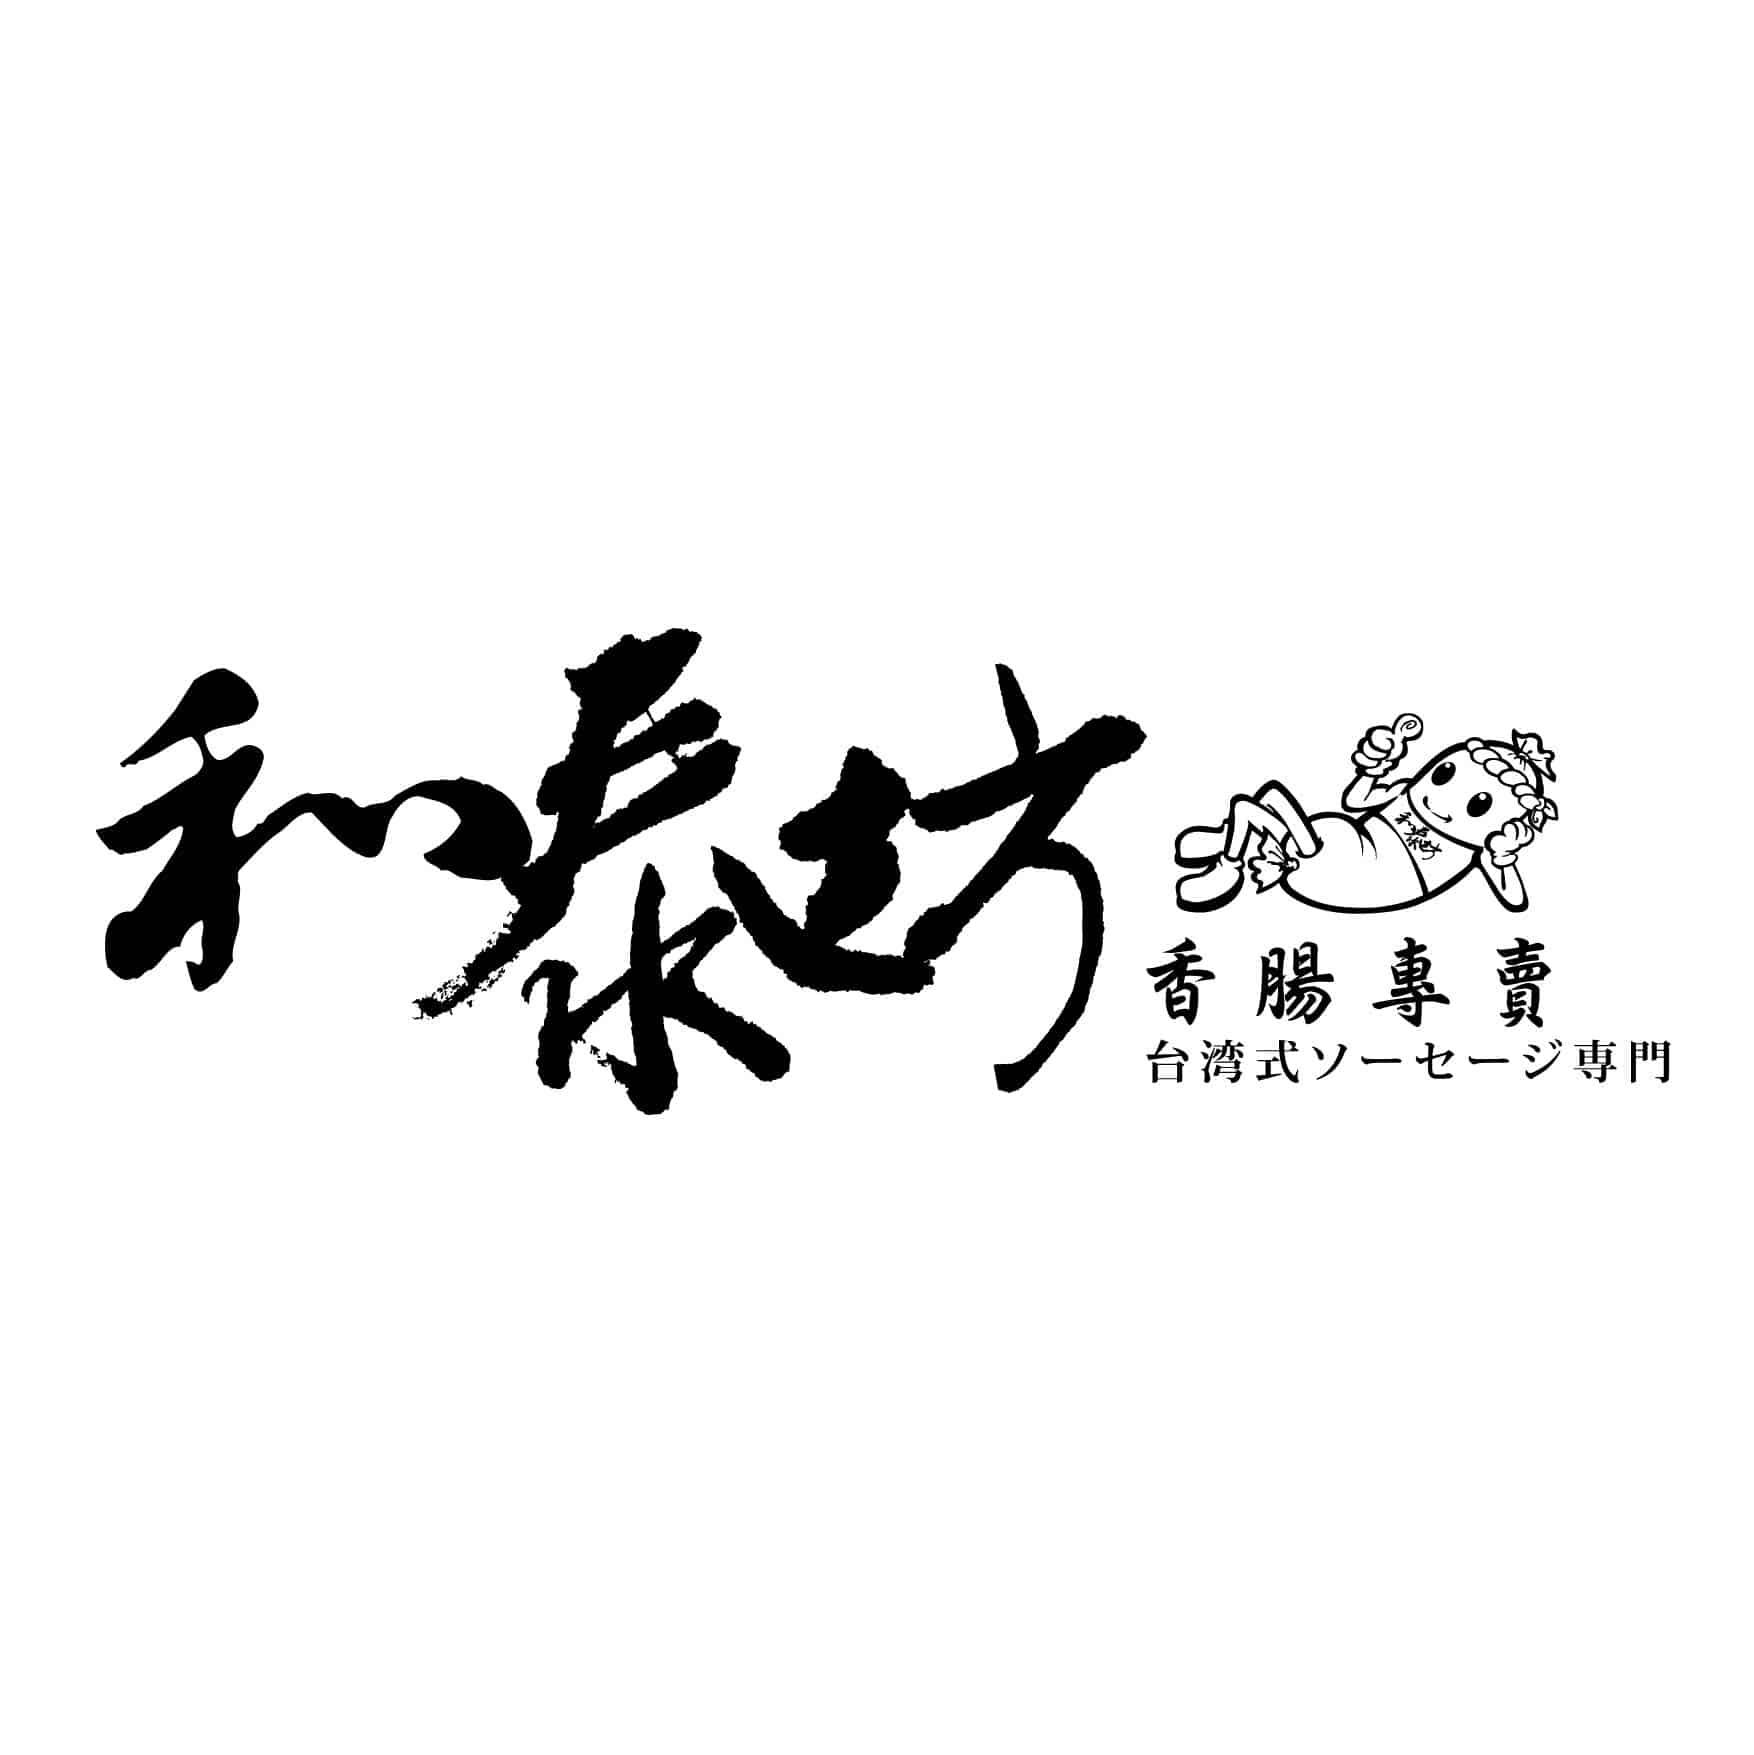 和泰坊(香腸)logo